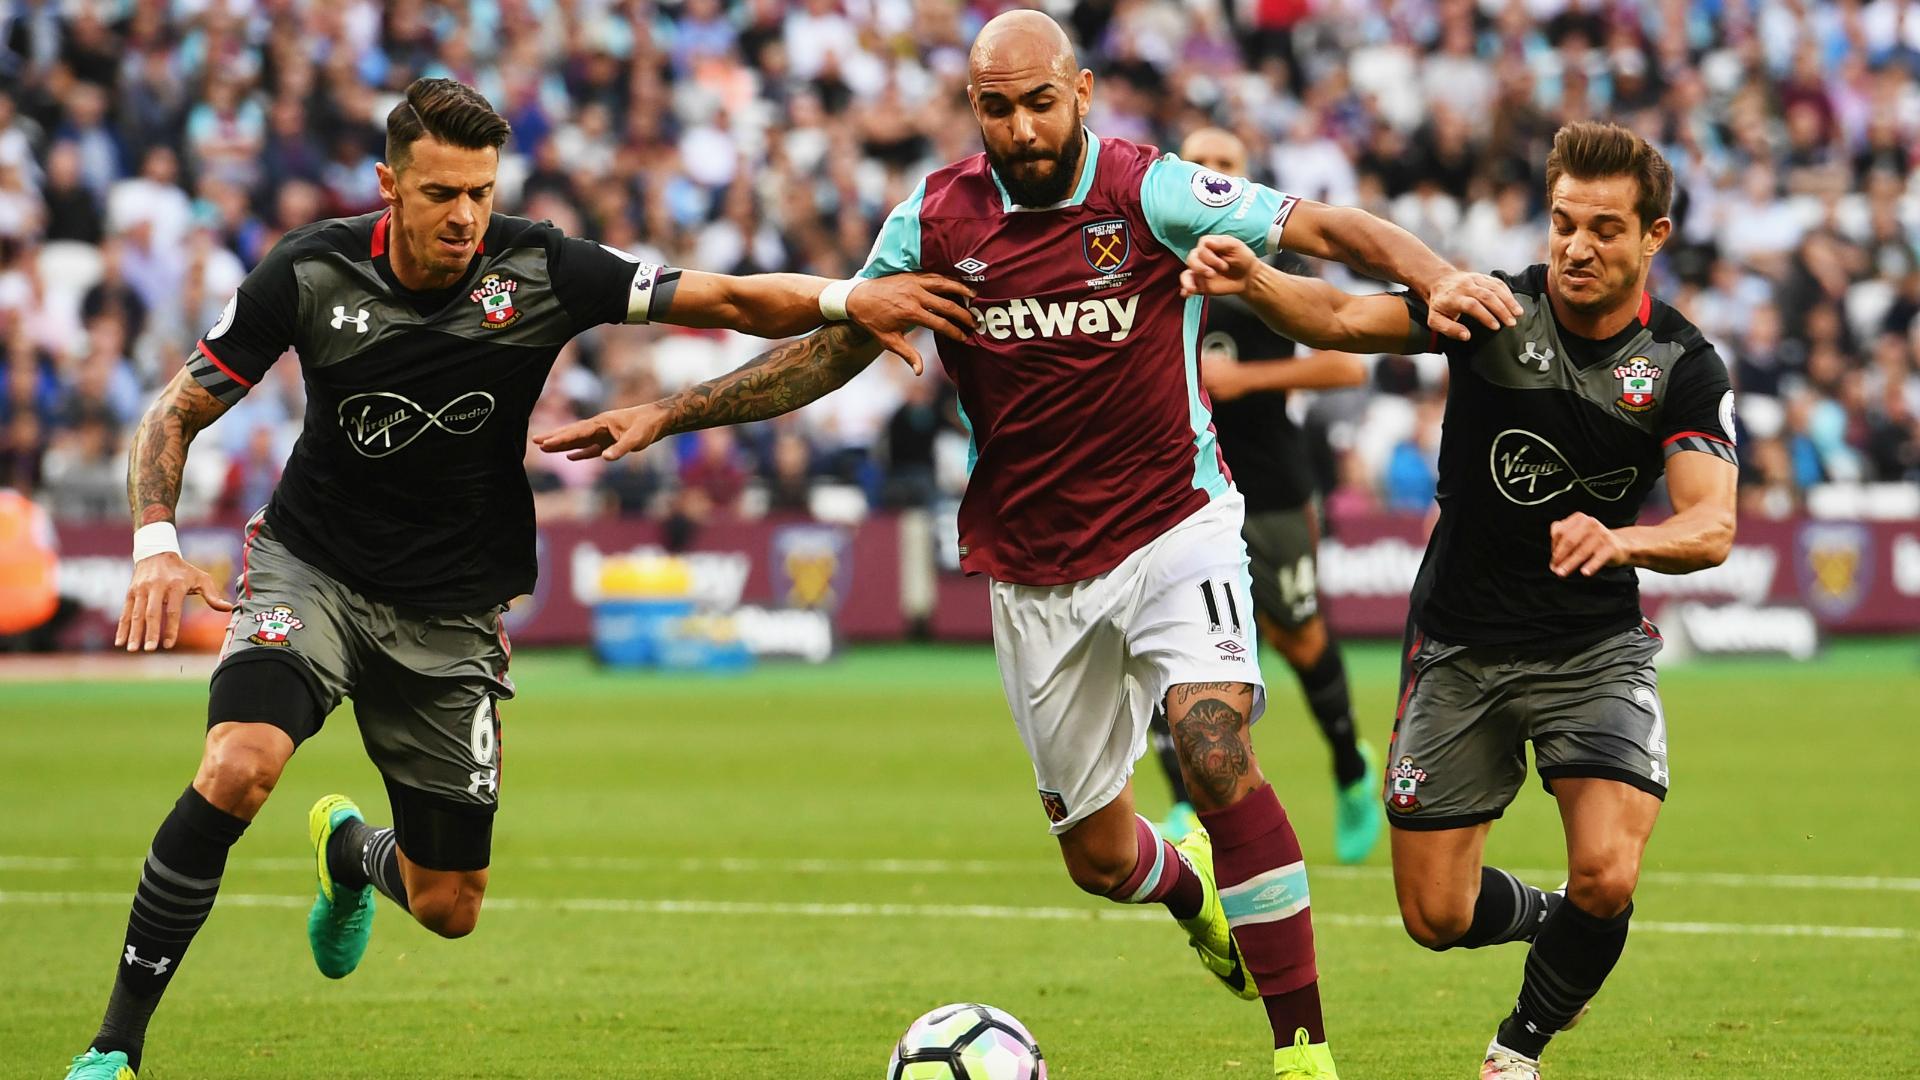 West Ham, Zaza l'obbligo di riscatto scatta alla decima presenza